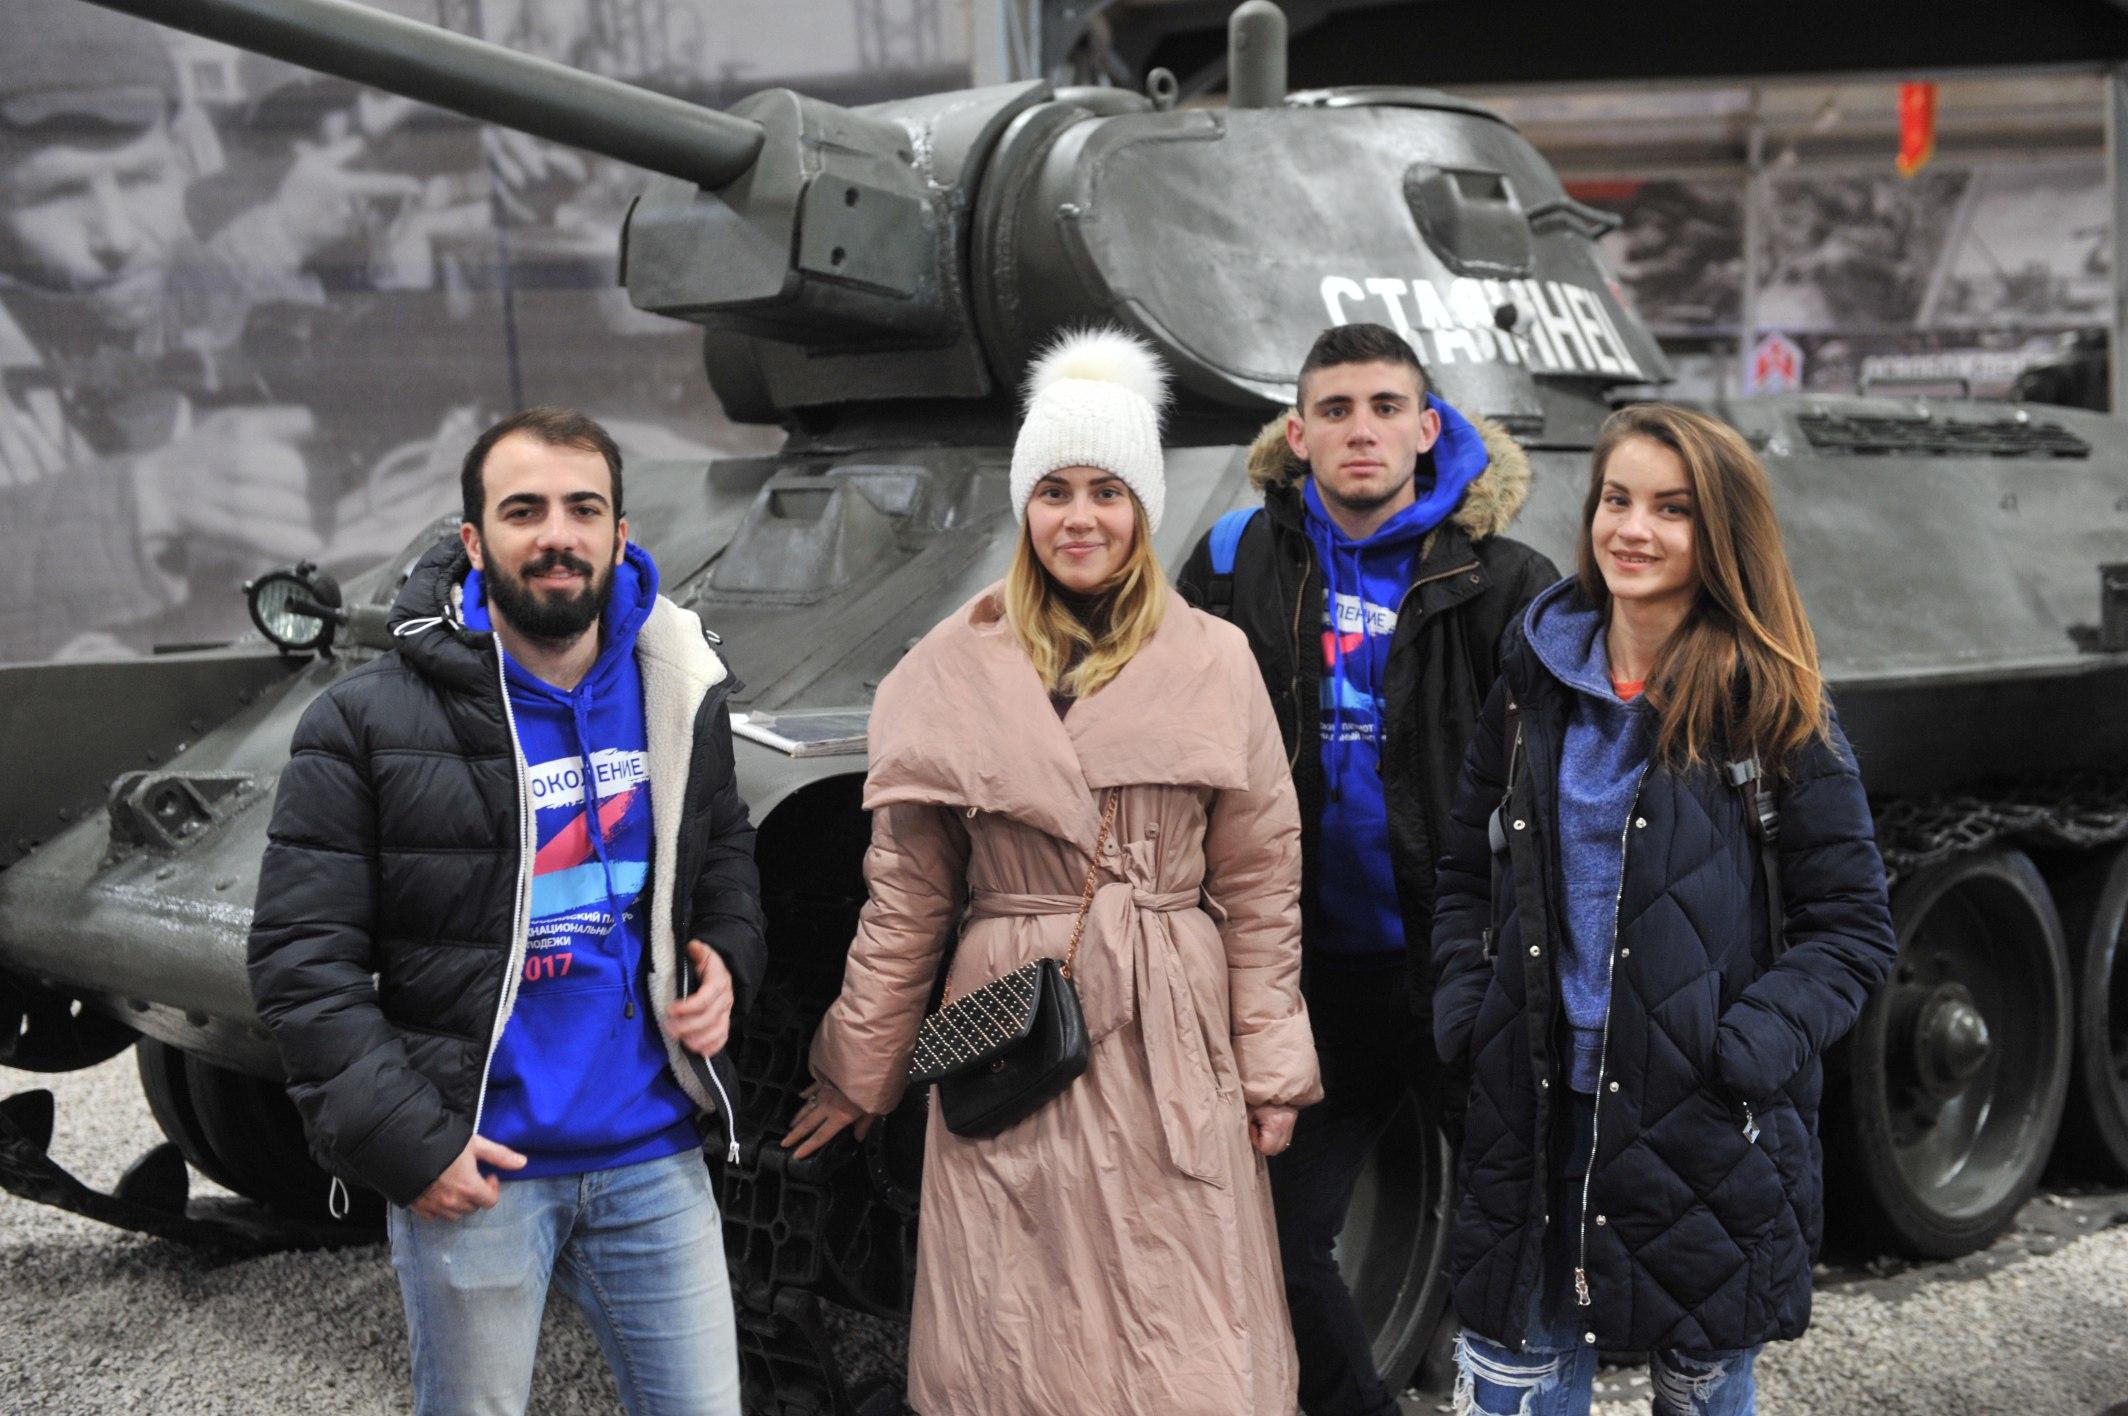 Поездка в парк «Патриот» — военно-патриотический парк культуры и отдыха Вооруженных Сил Российской Федерации